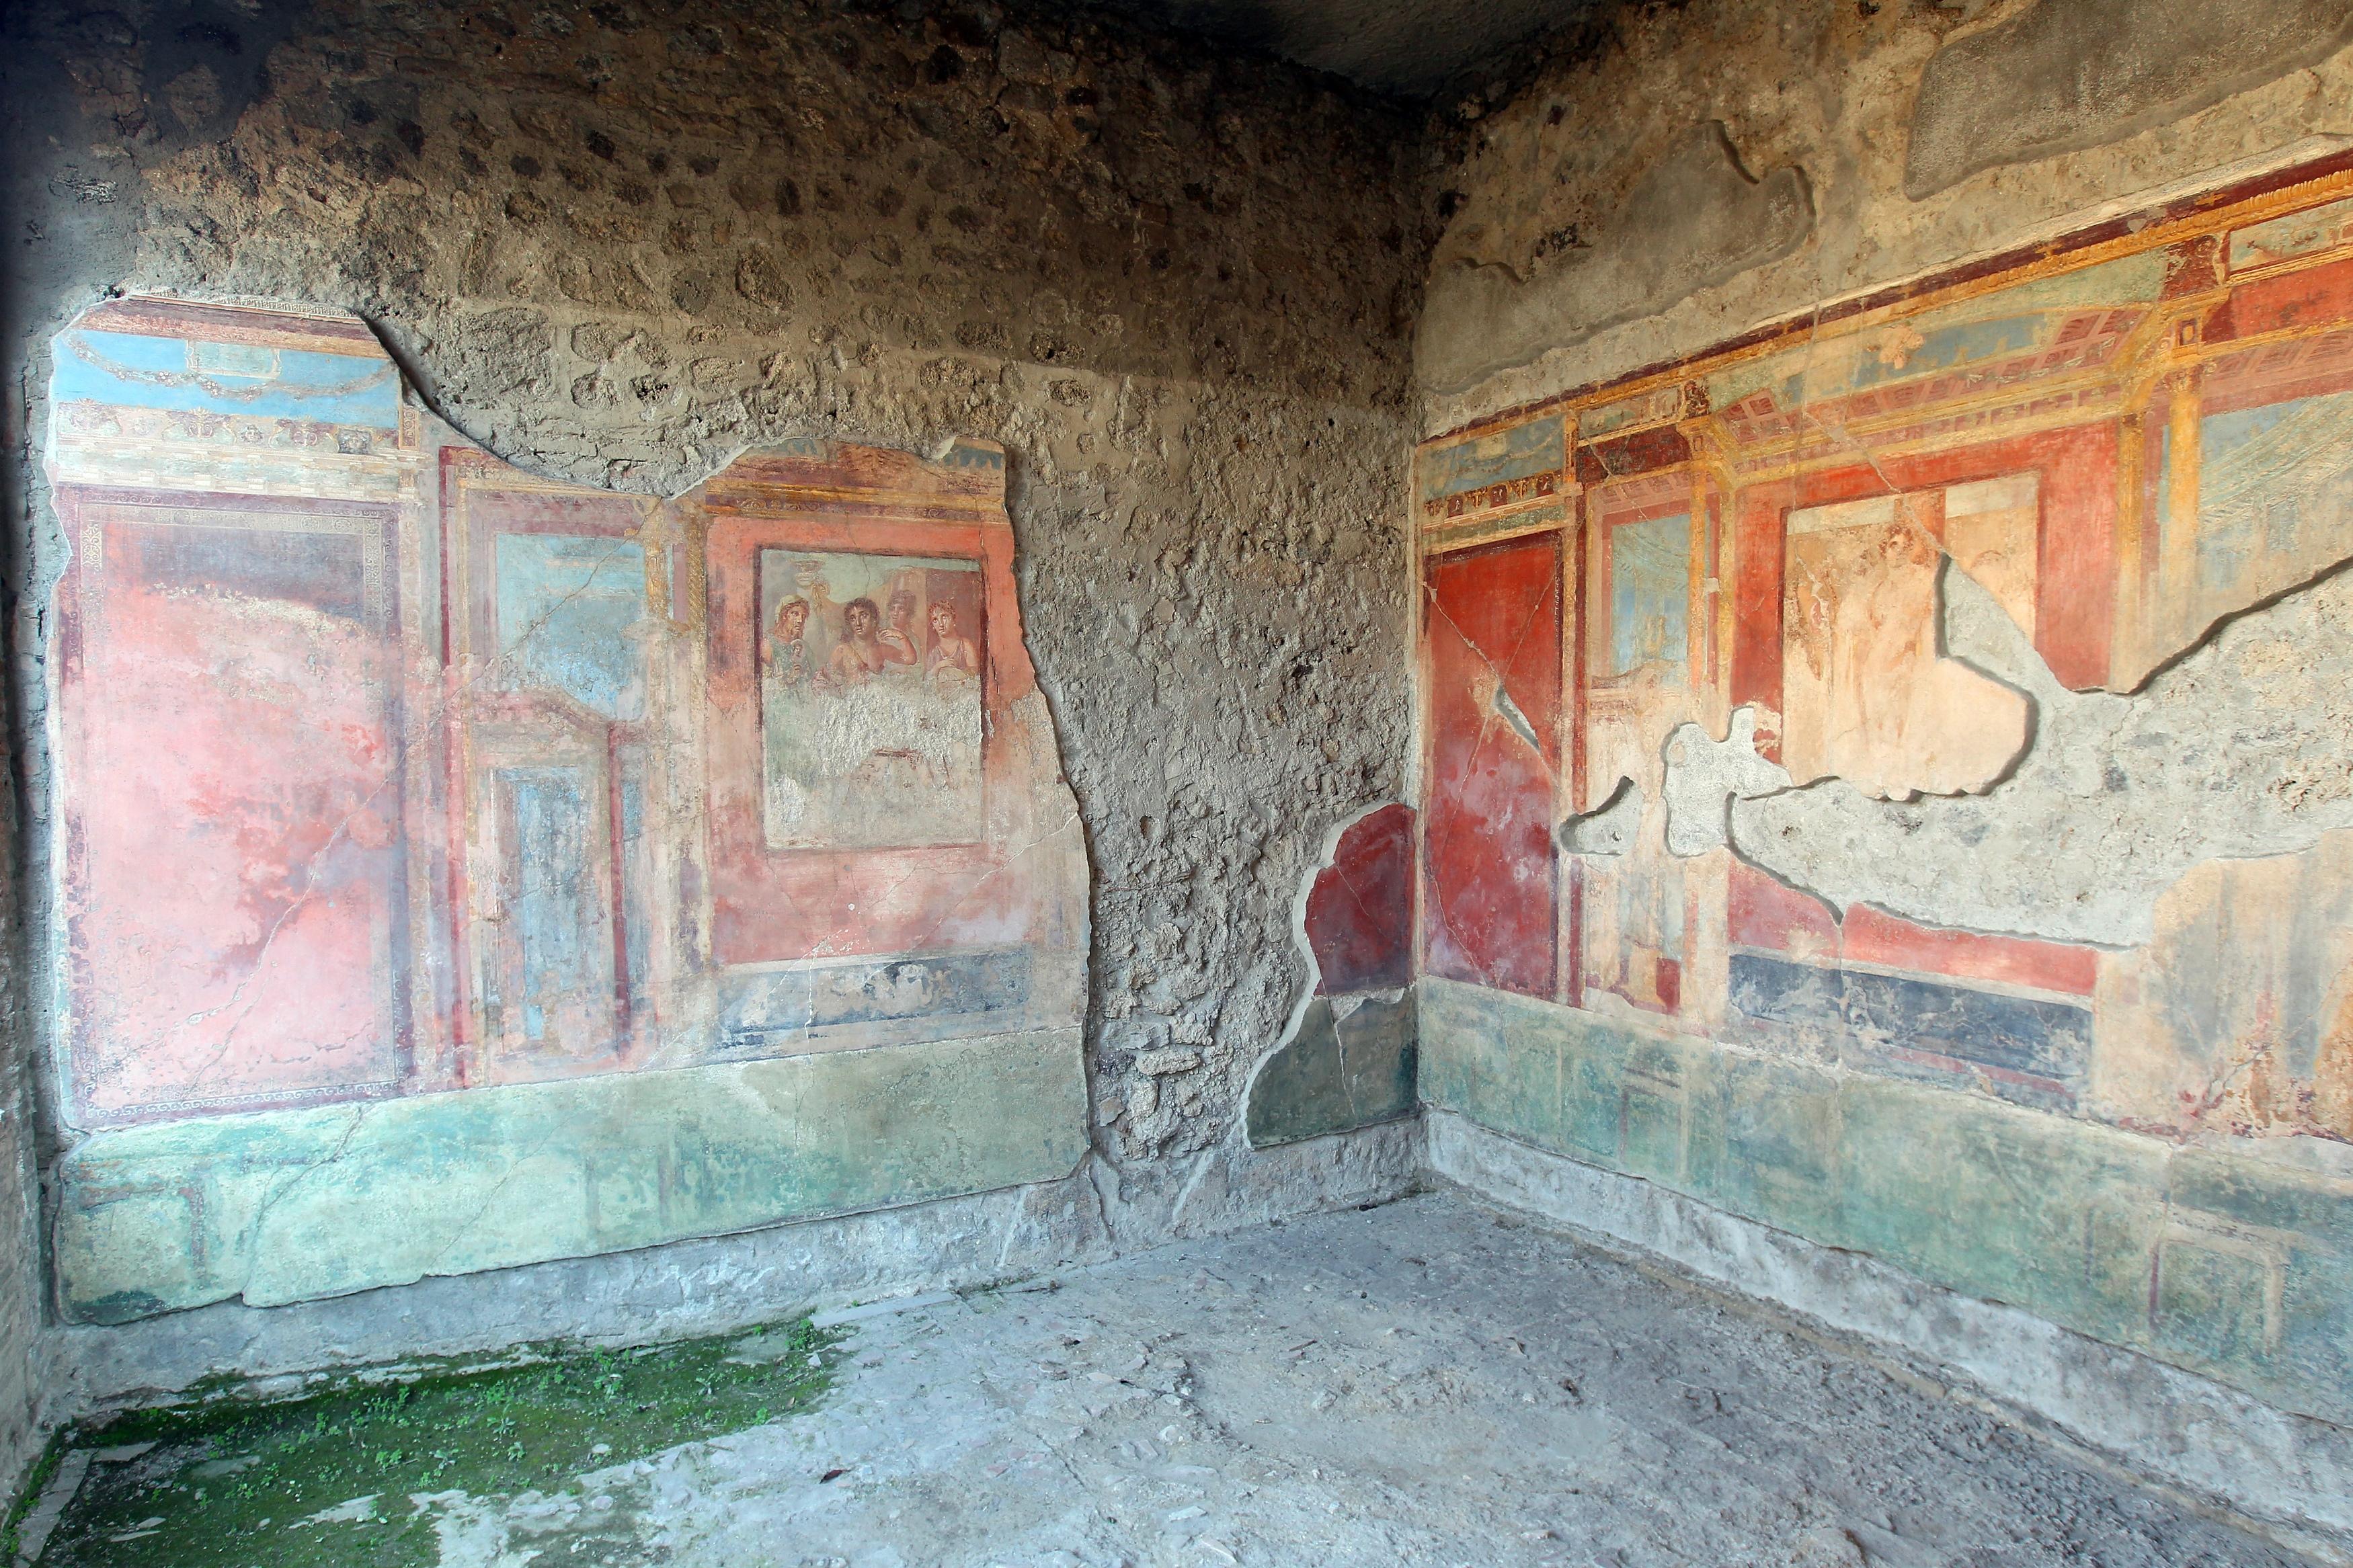 Inscrição descoberta em Pompeia pode trazer nova data para a erupção que destruiu a cidade